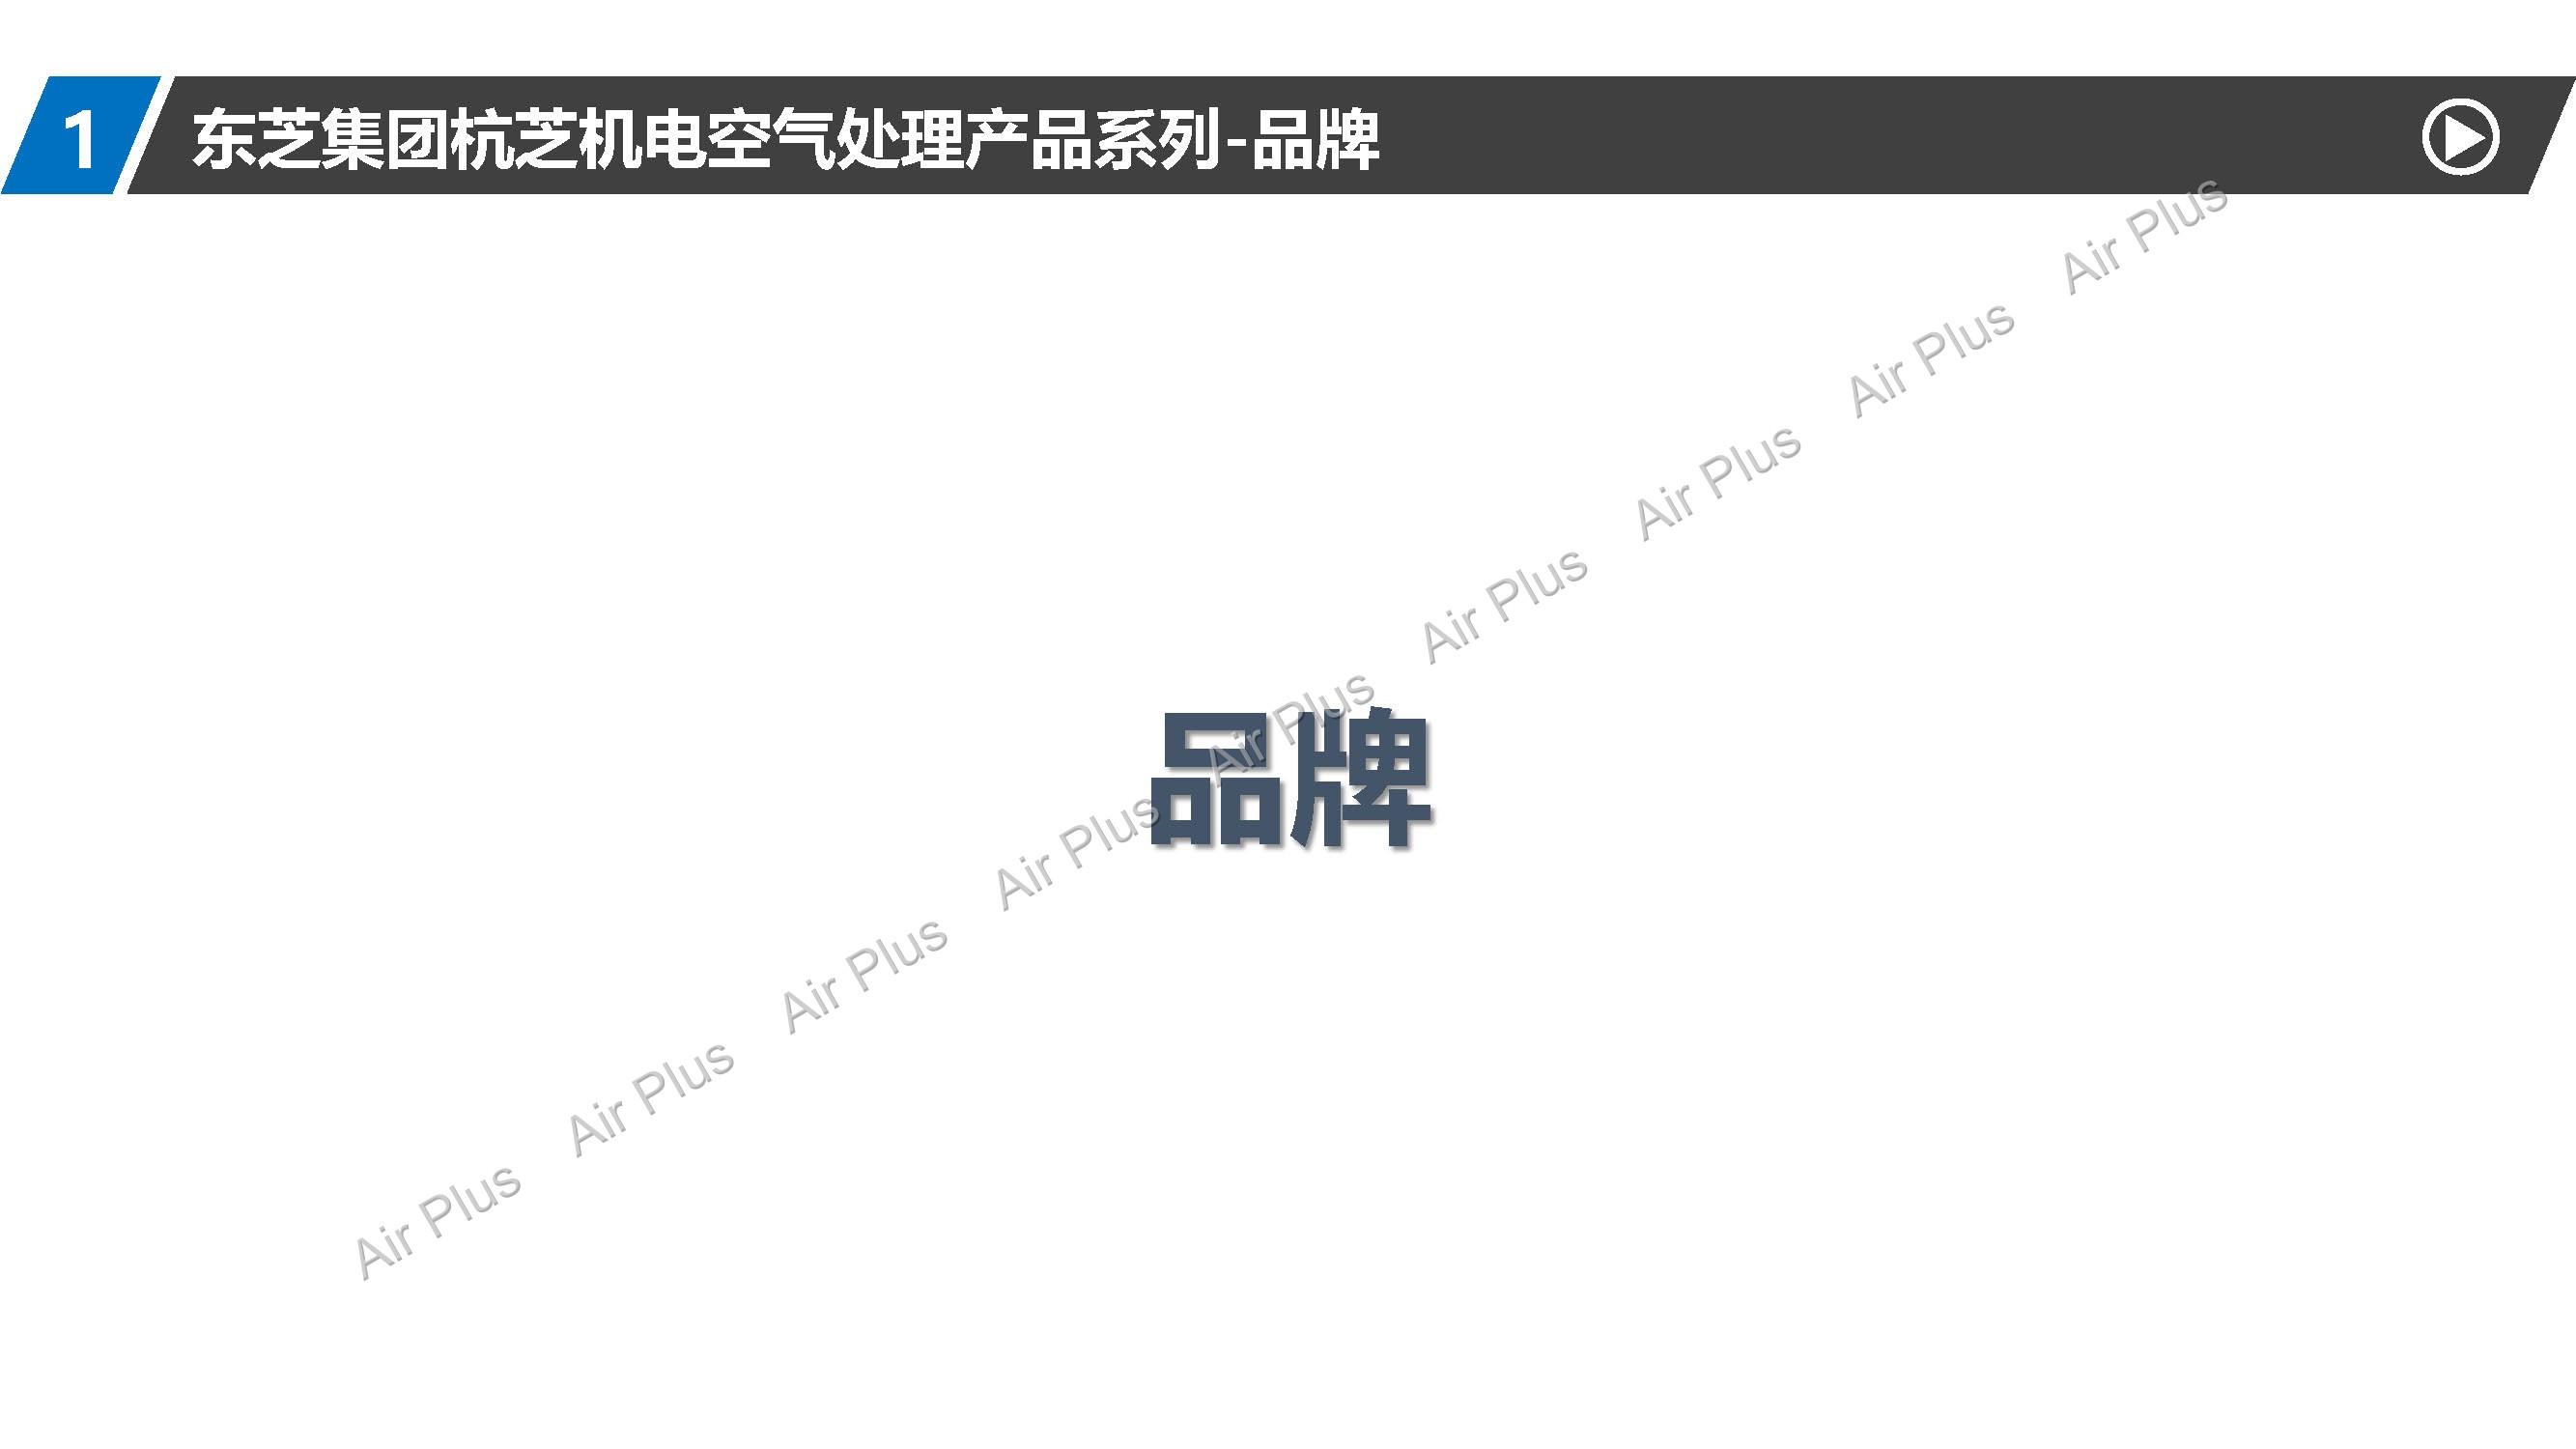 清芝洁空气处理新品介绍简介_页面_02.jpg